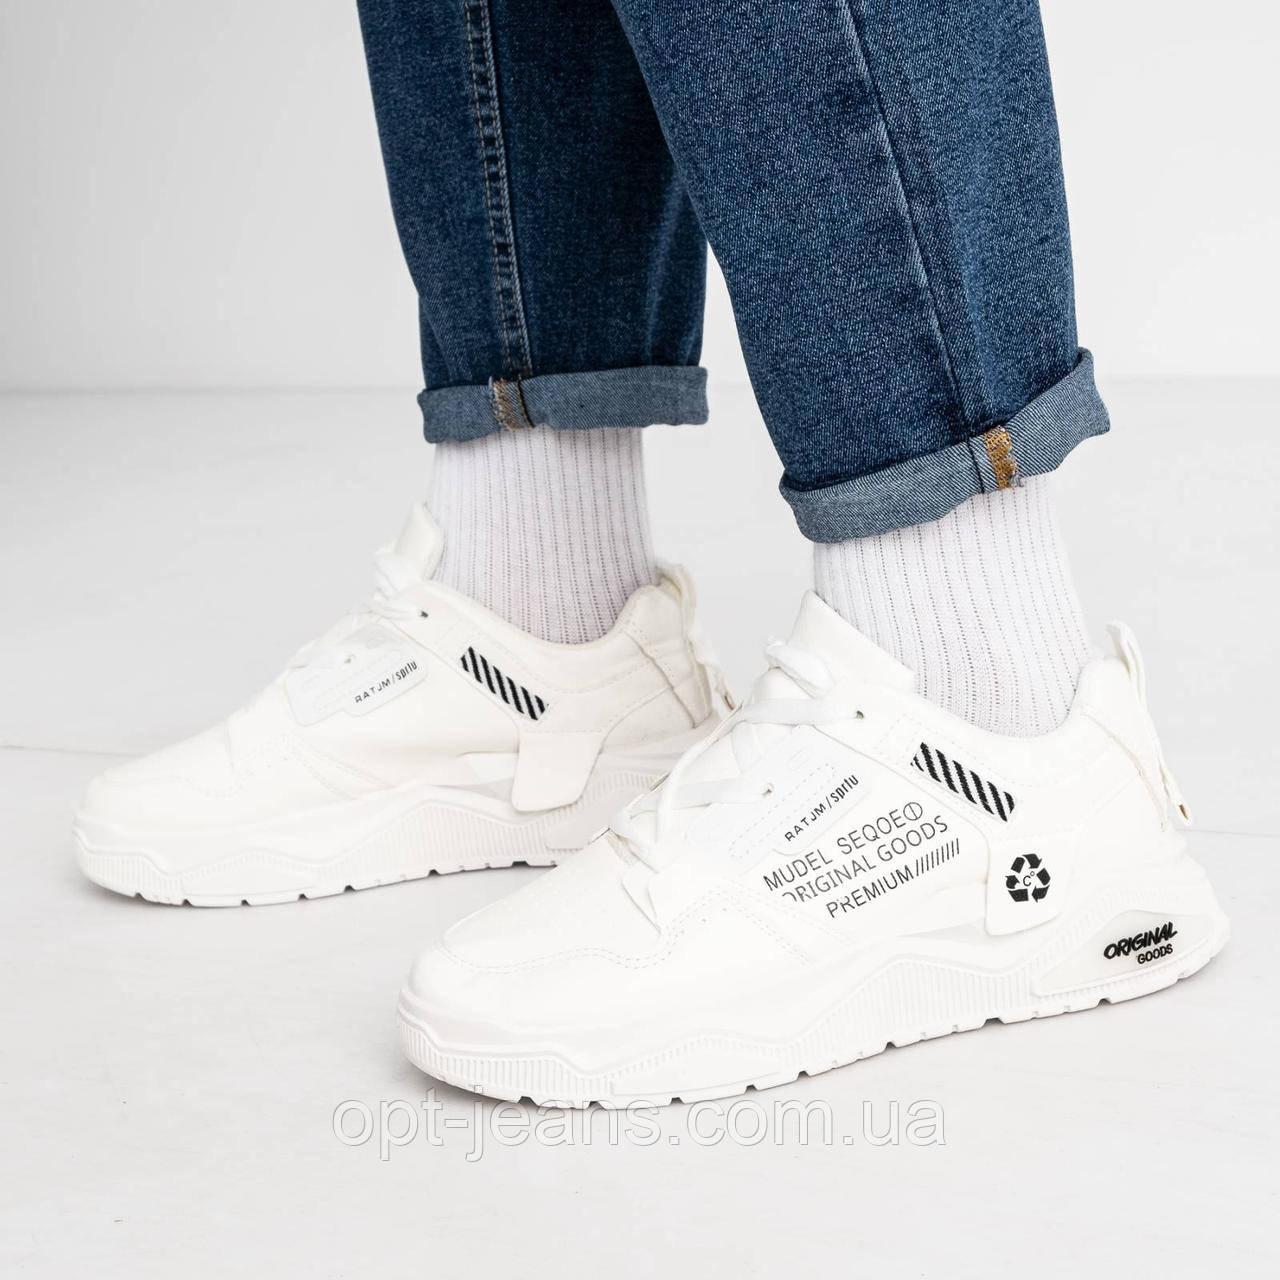 181120-3 белые кроссовки мужские (10 ед. размеры: 39.40.40.41.41.42.42.43.43.44)